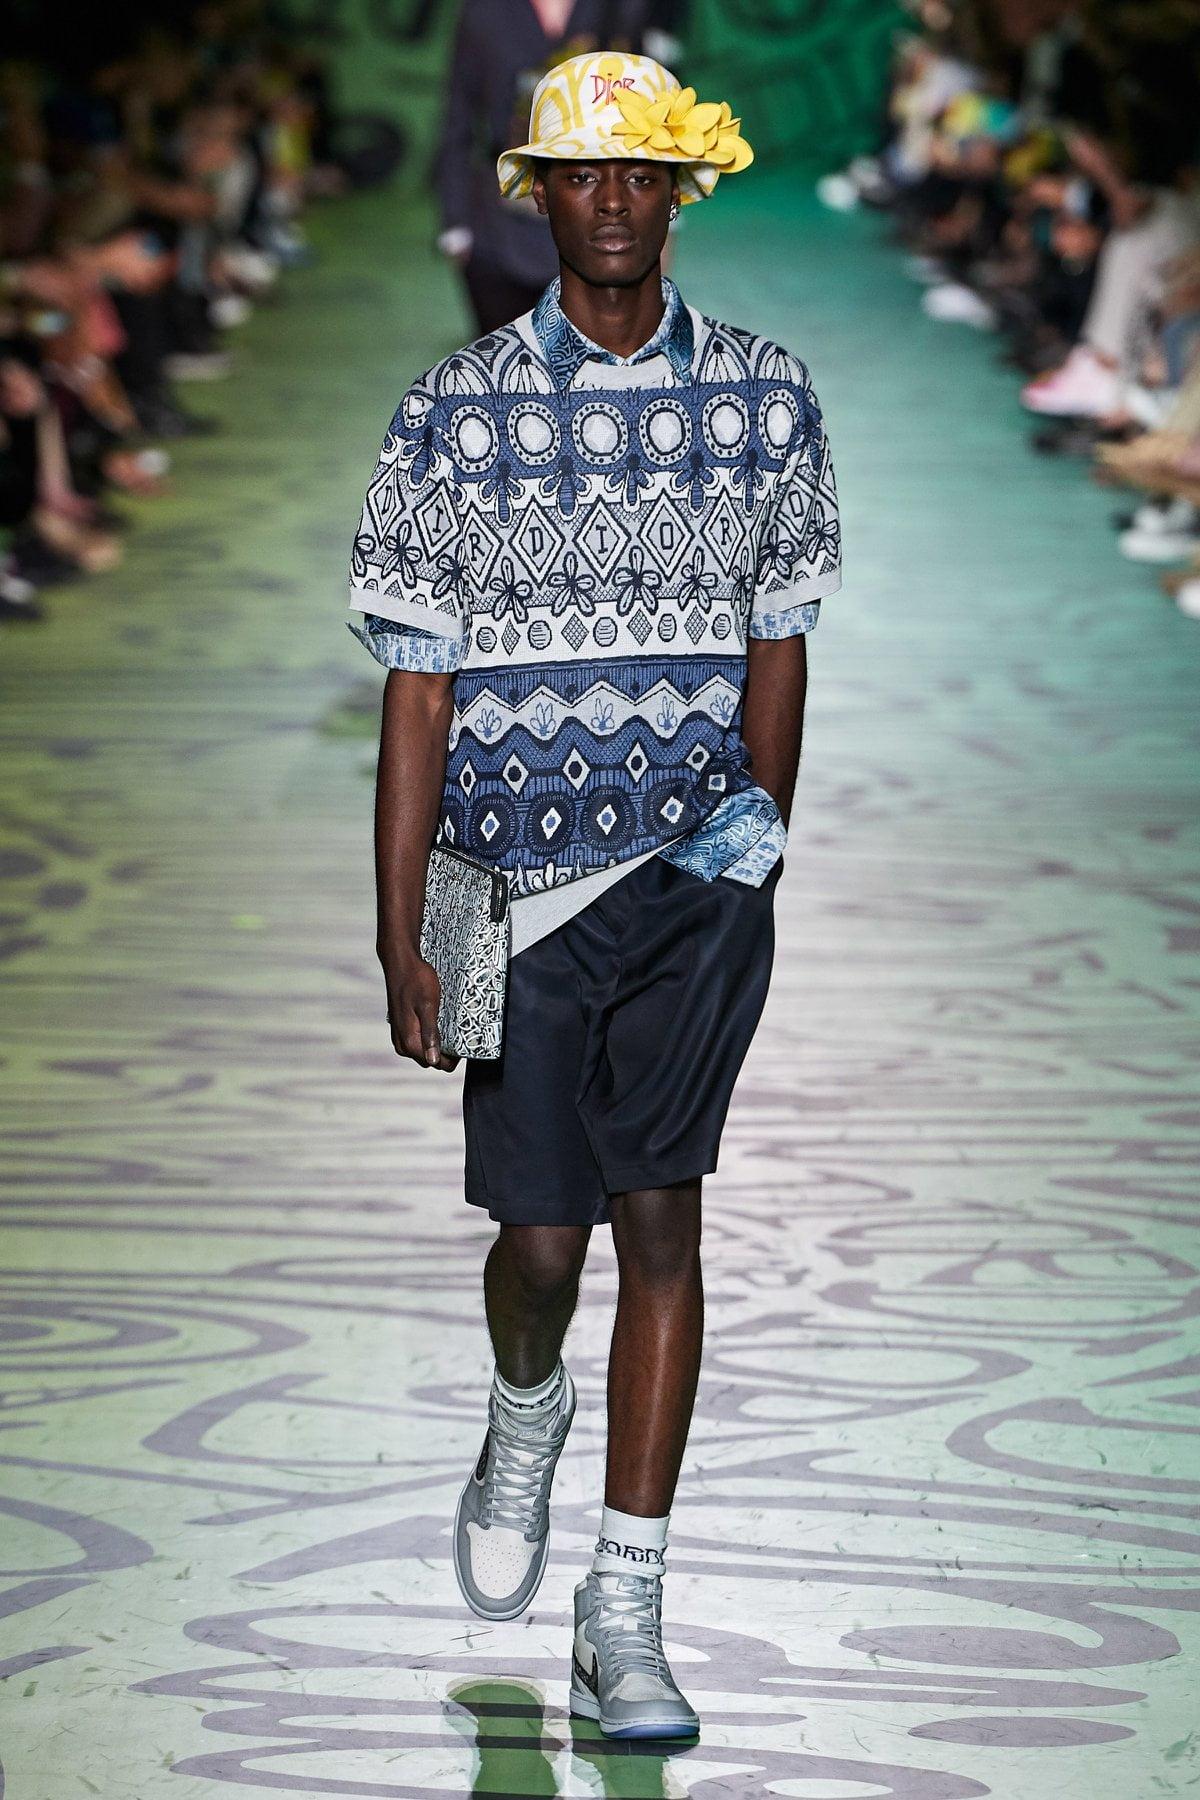 Dior muốn đánh gục cả thế giới với dòng thời trang nam đầy nhục cảm 10